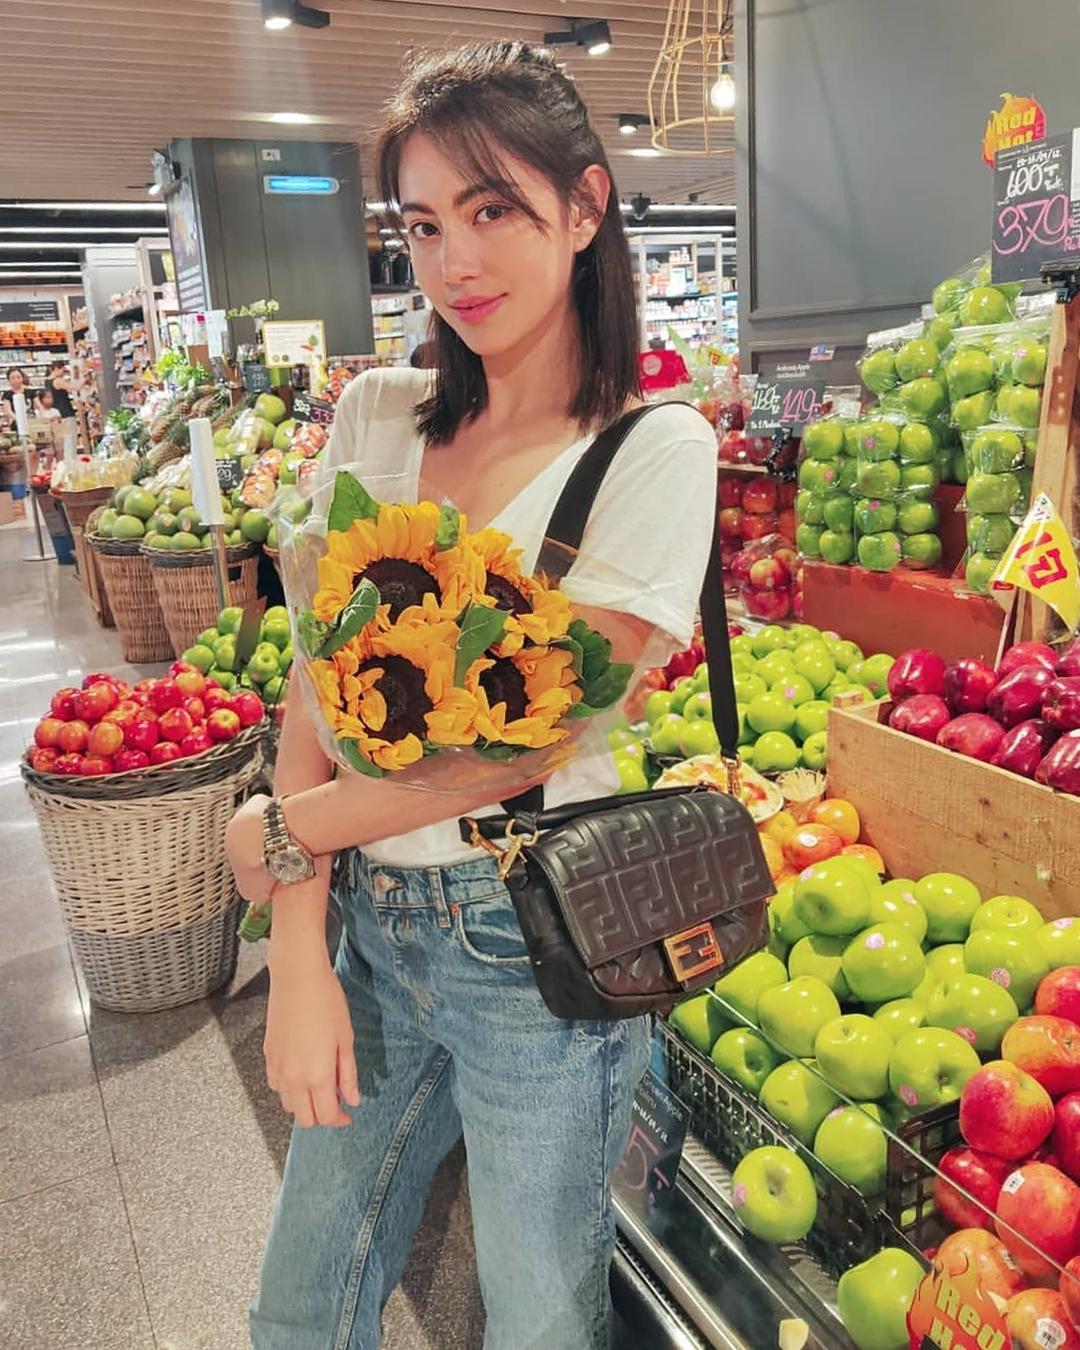 Người đẹp mặc trang phục đơn giản, đeo túi Fendi khi đi siêu thị hồi tháng 10/2019.